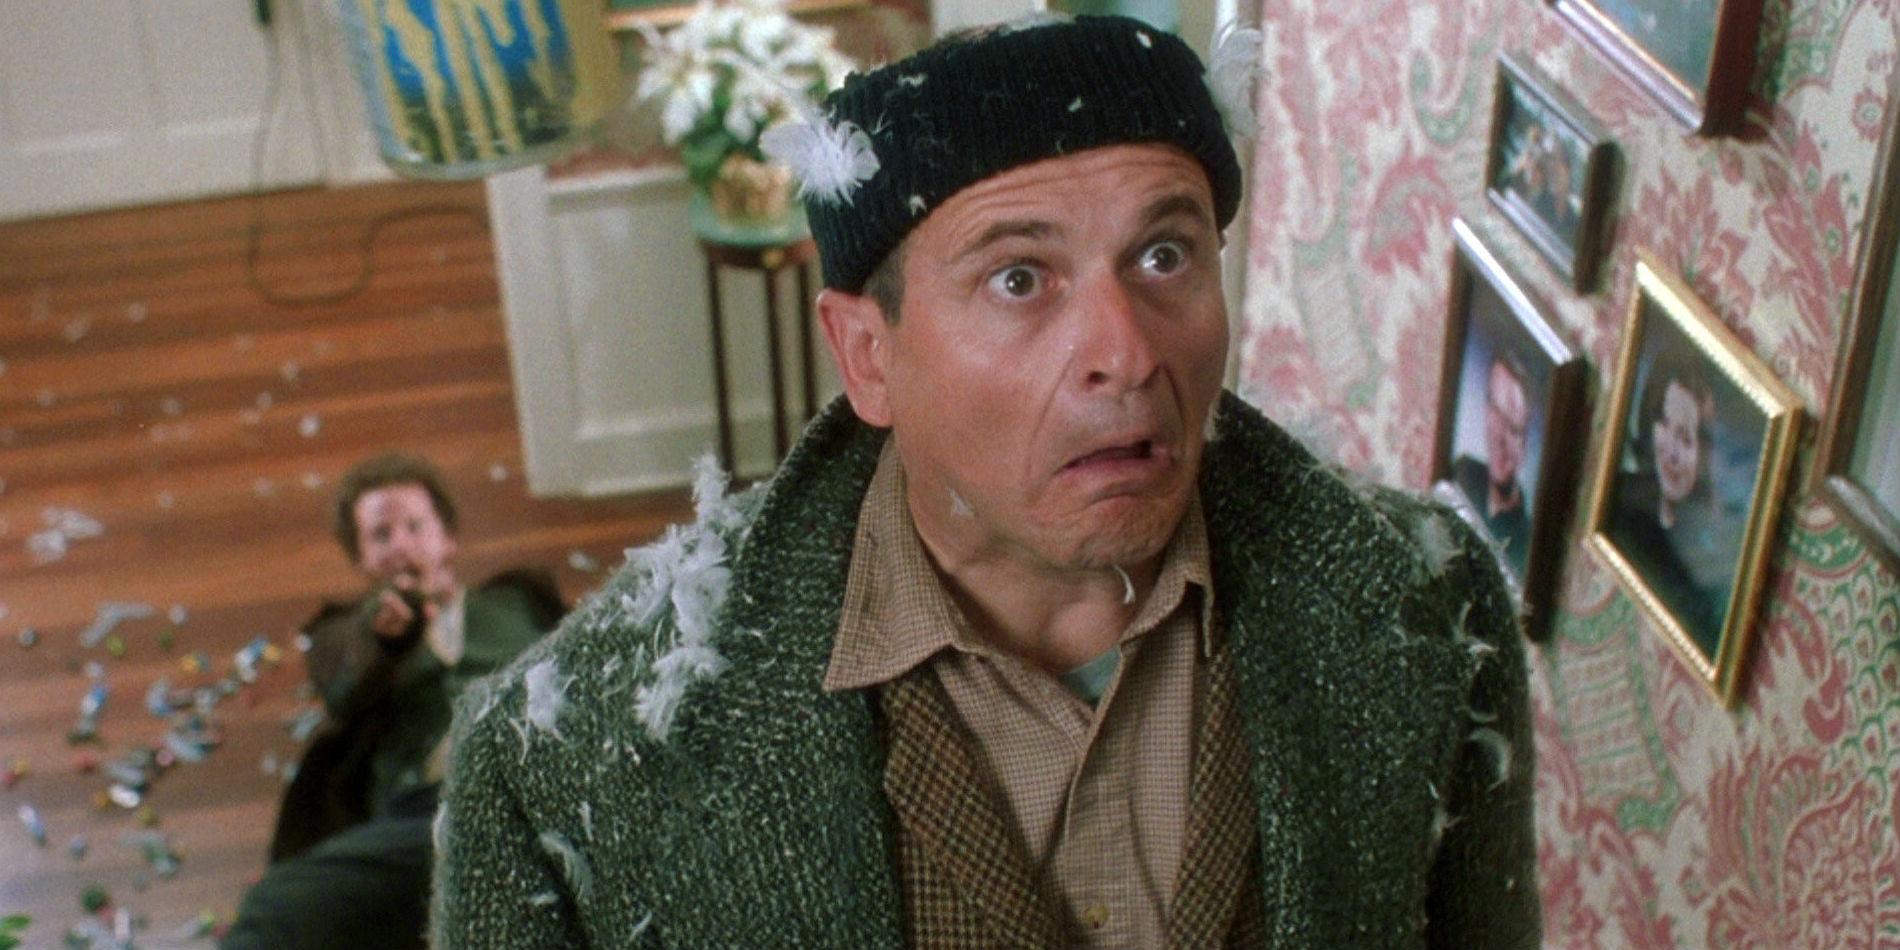 Joe Pesci in Home Alone